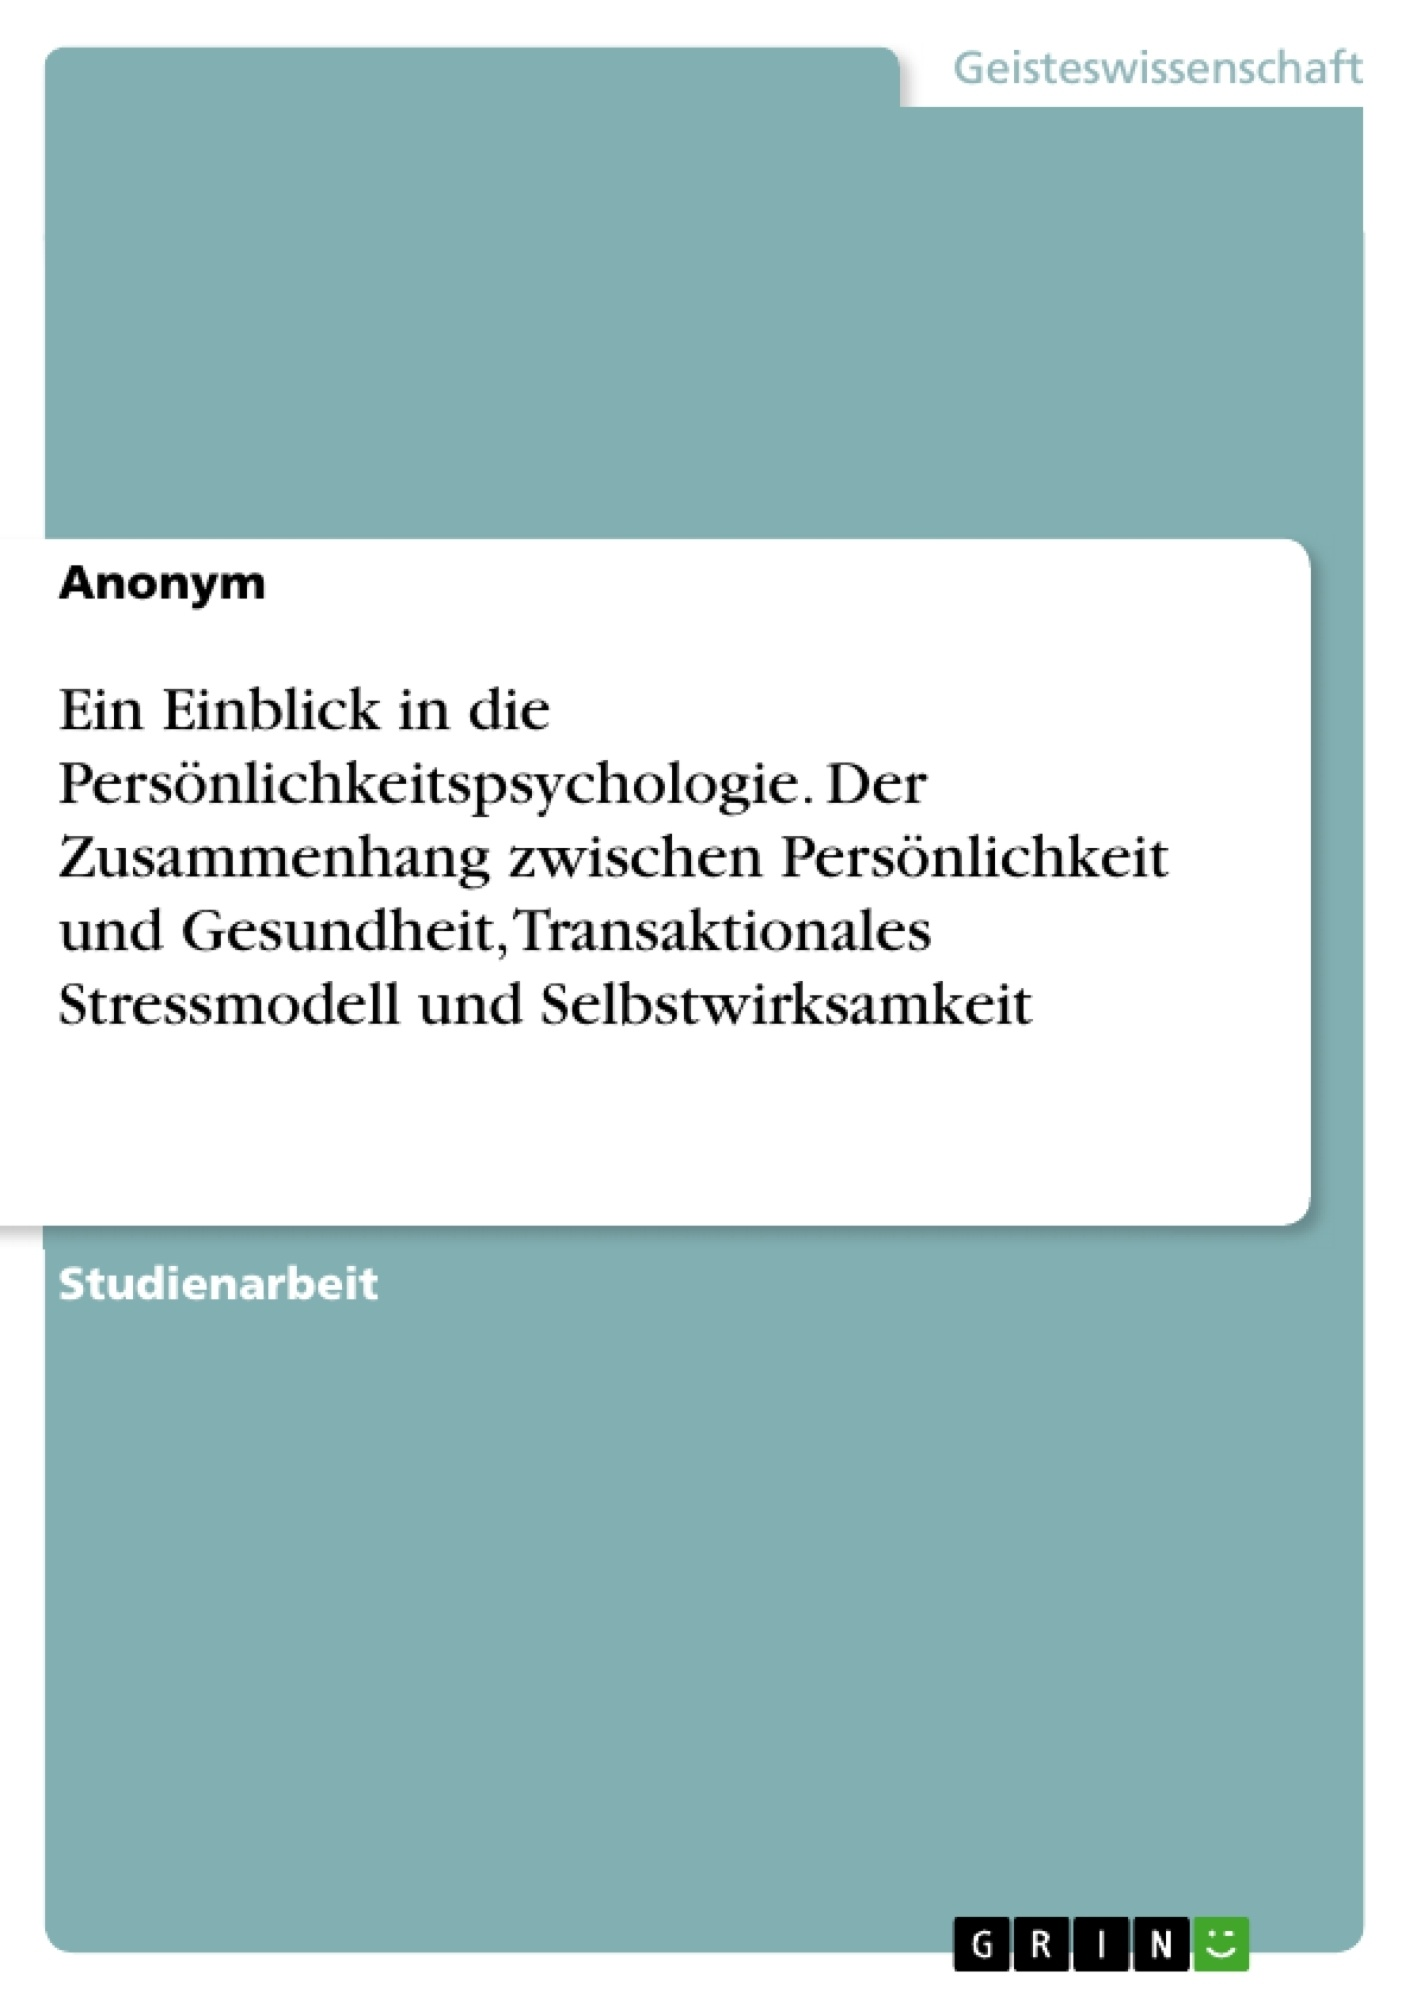 Titel: Ein Einblick in die Persönlichkeitspsychologie. Der Zusammenhang zwischen Persönlichkeit und Gesundheit, Transaktionales Stressmodell und Selbstwirksamkeit